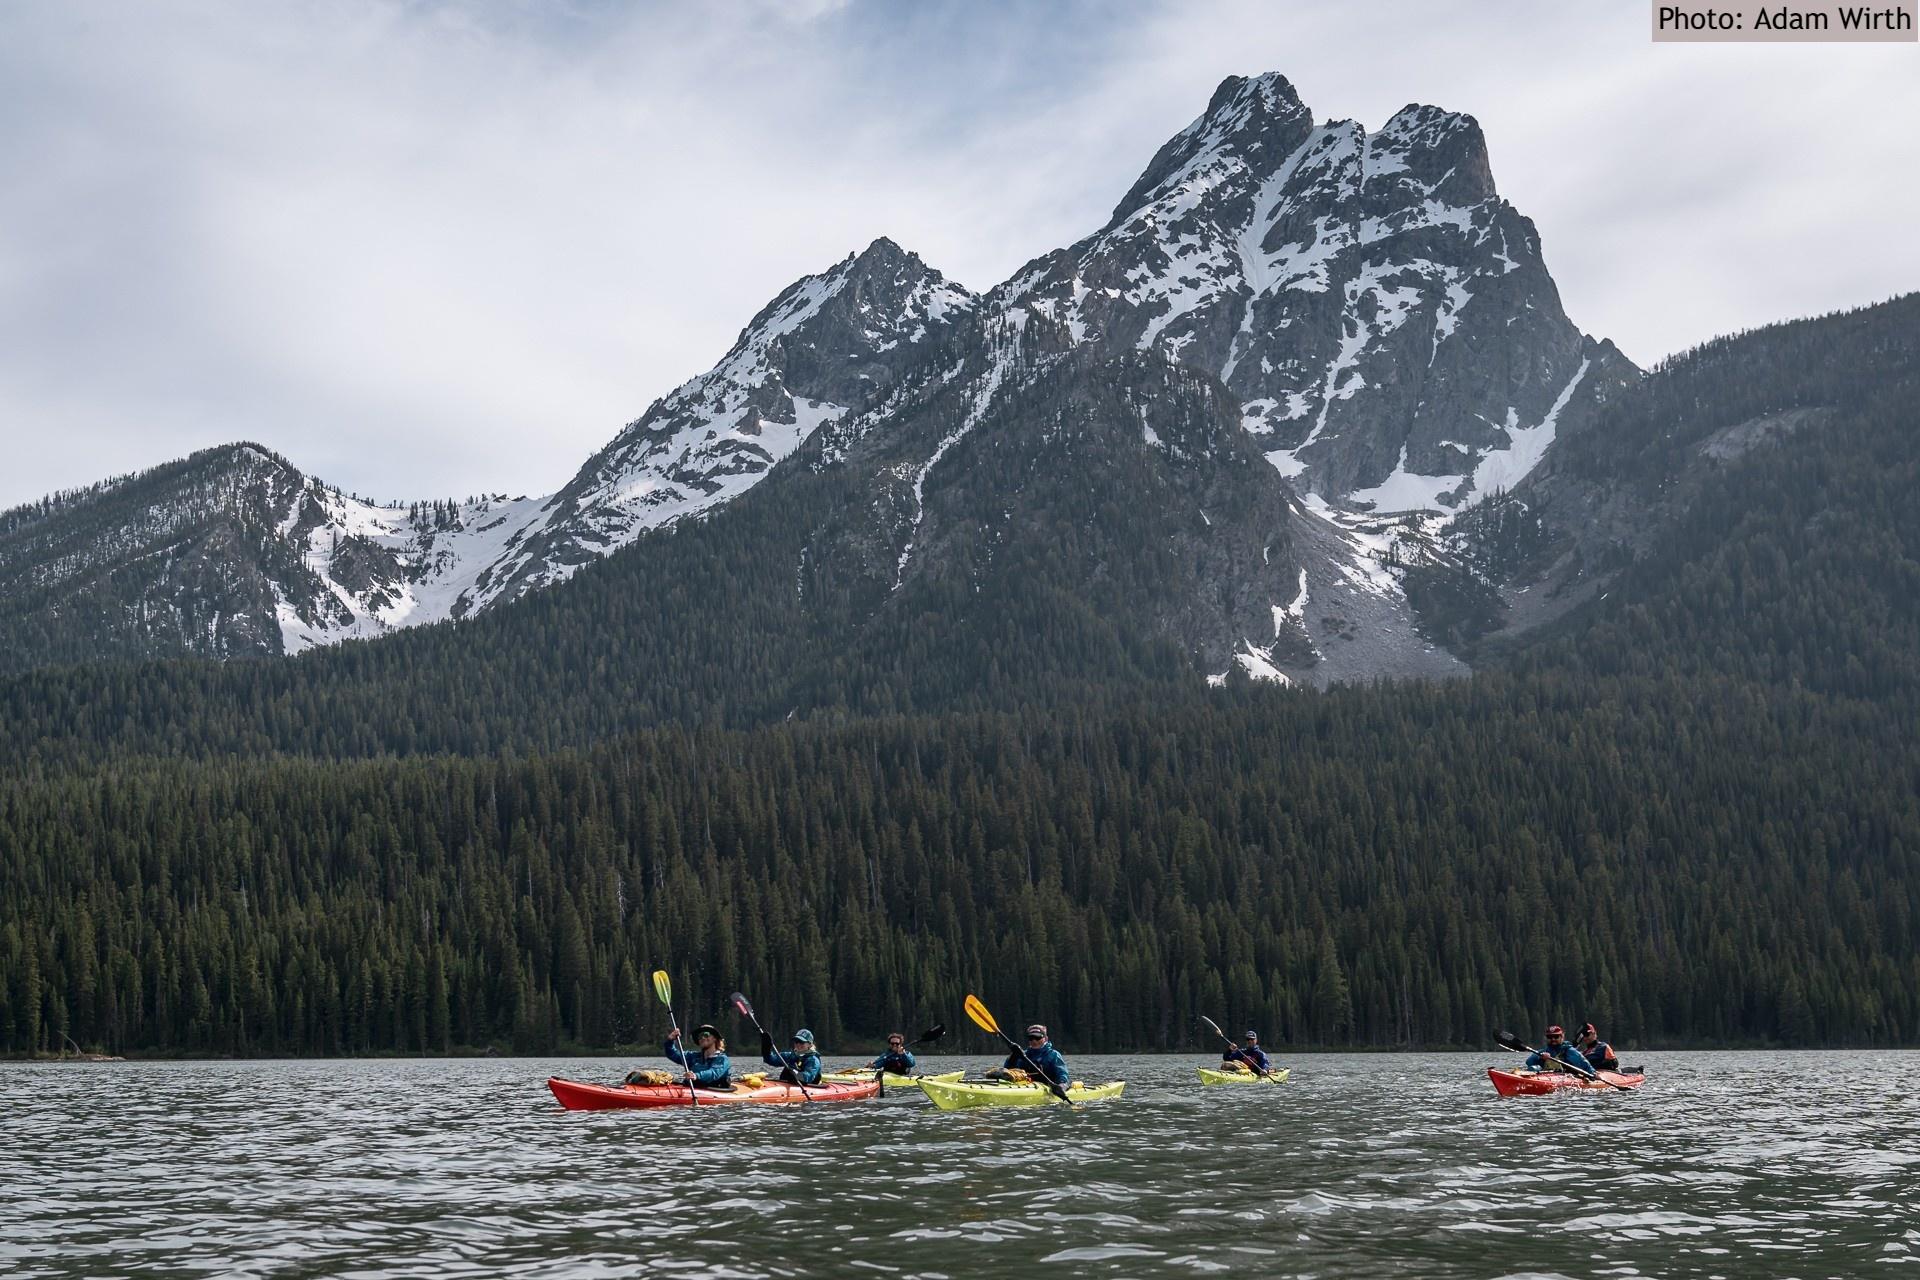 View of MT. Moran from Kayak